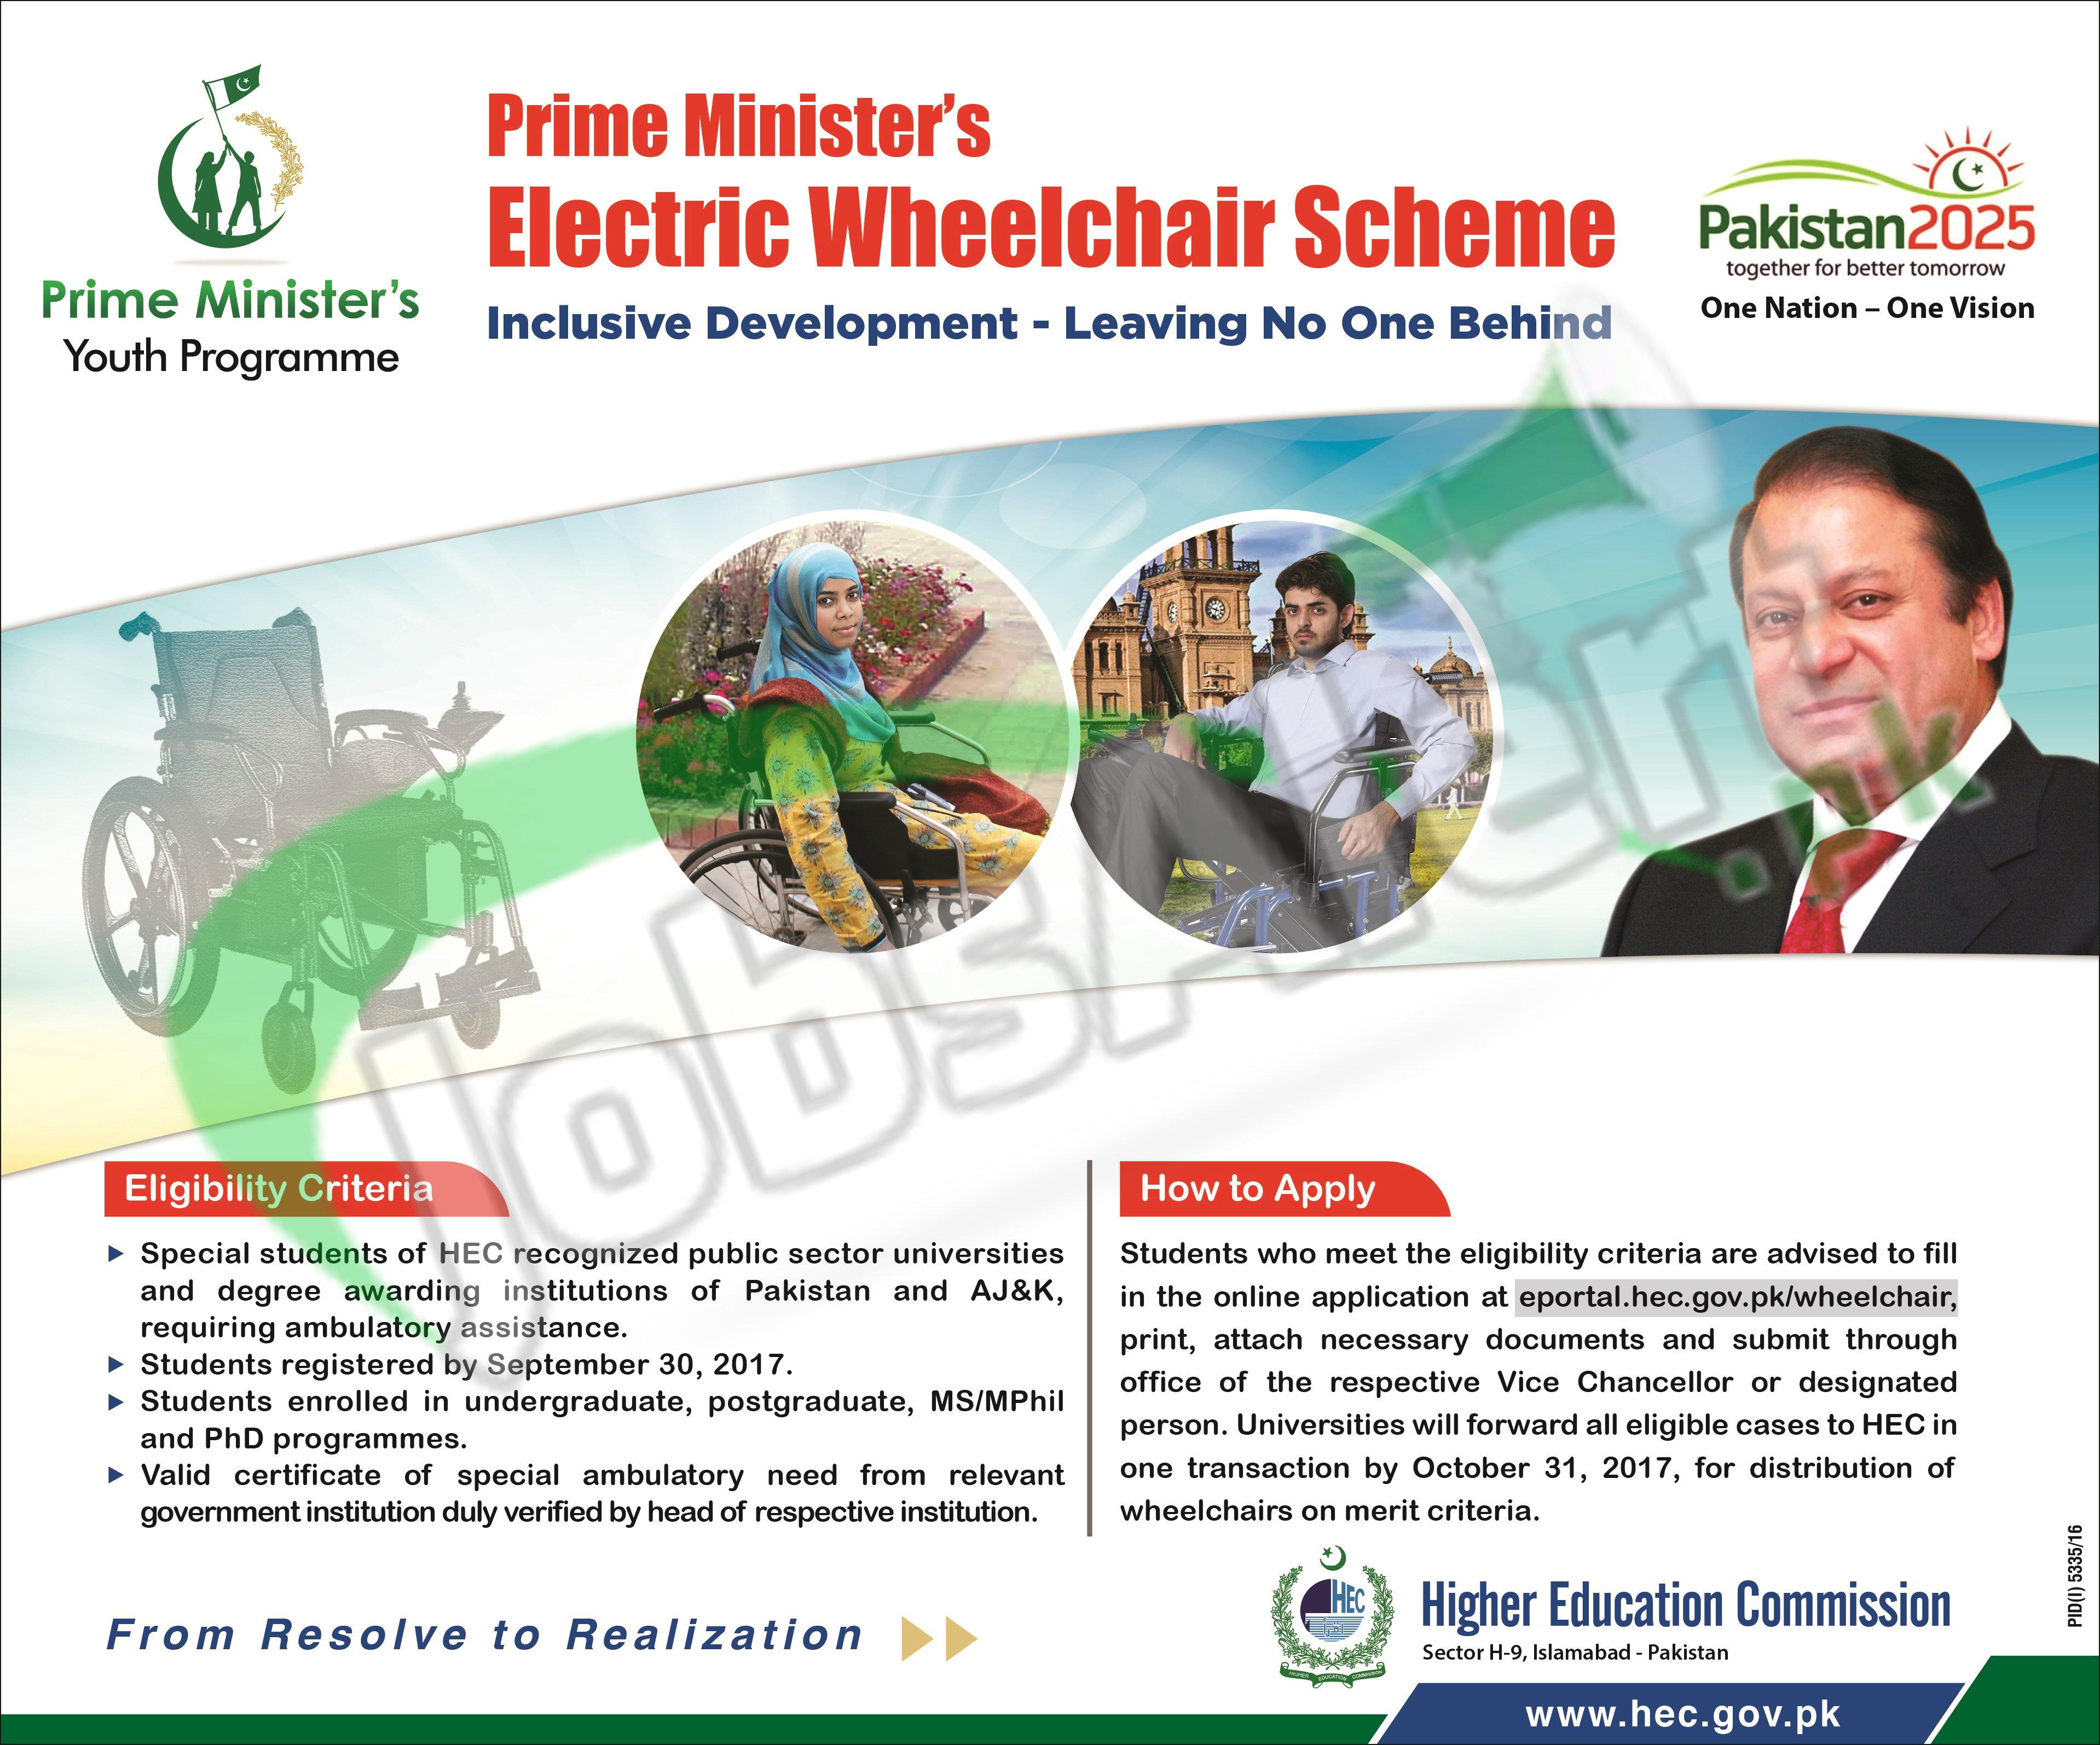 PM ELECTRIC Wheelchair Scheme